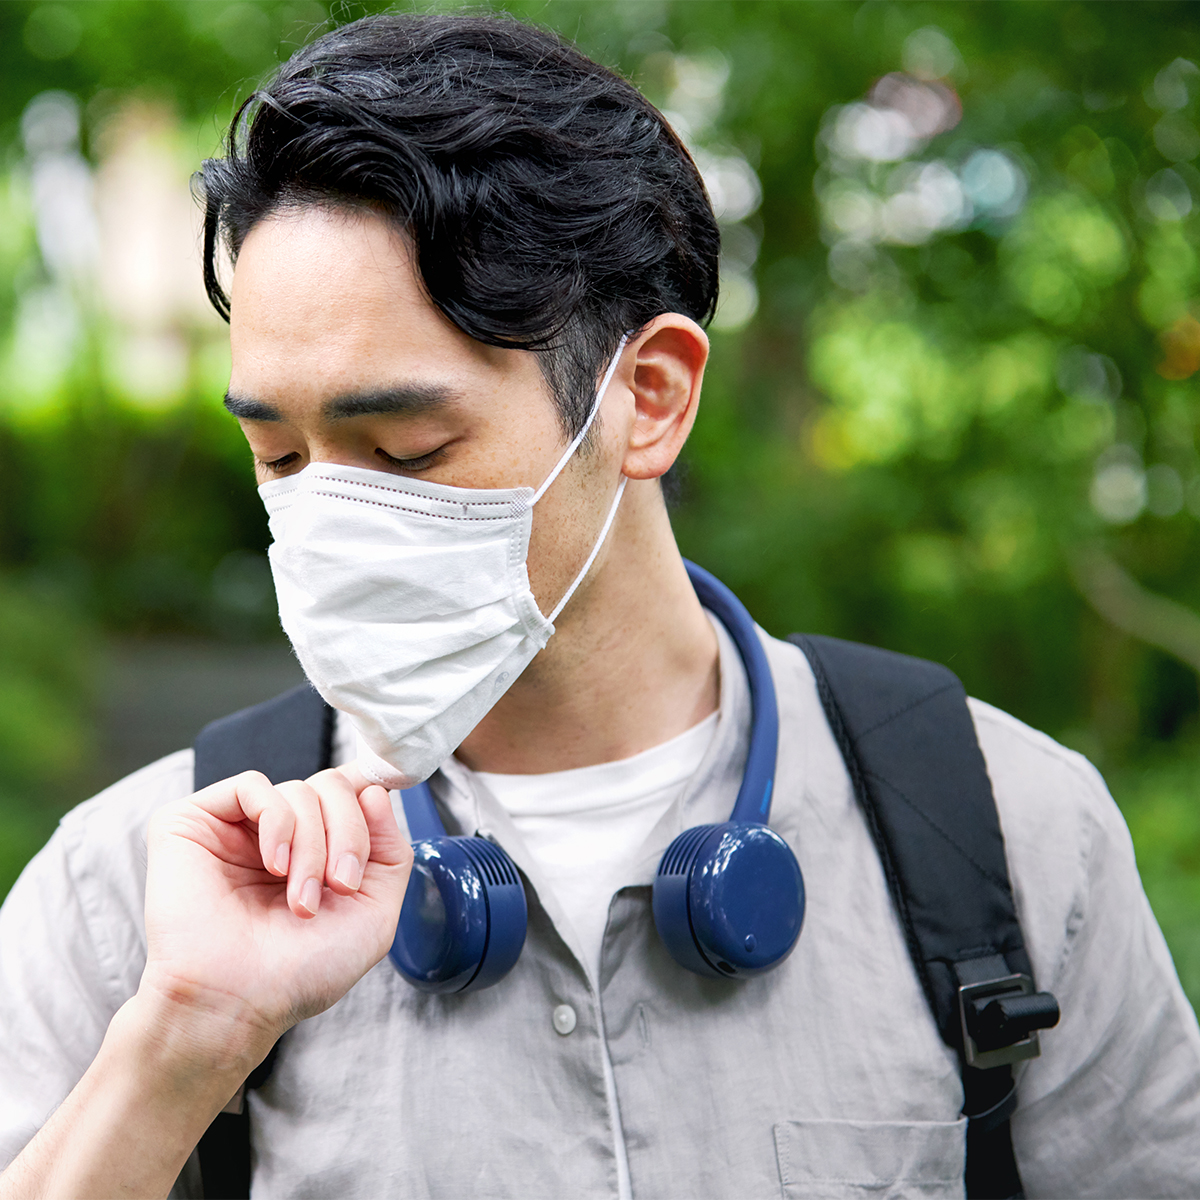 今年の夏は、マスクで顔が蒸れがち。どうしても熱くなった時は、マスクにすき間をつくって強風を送り込んでいますが、涼しさにホッとします。手ぶらで、心地よい風を浴びながら、通勤や買物に行ける「羽根なし扇風機」|FLEX